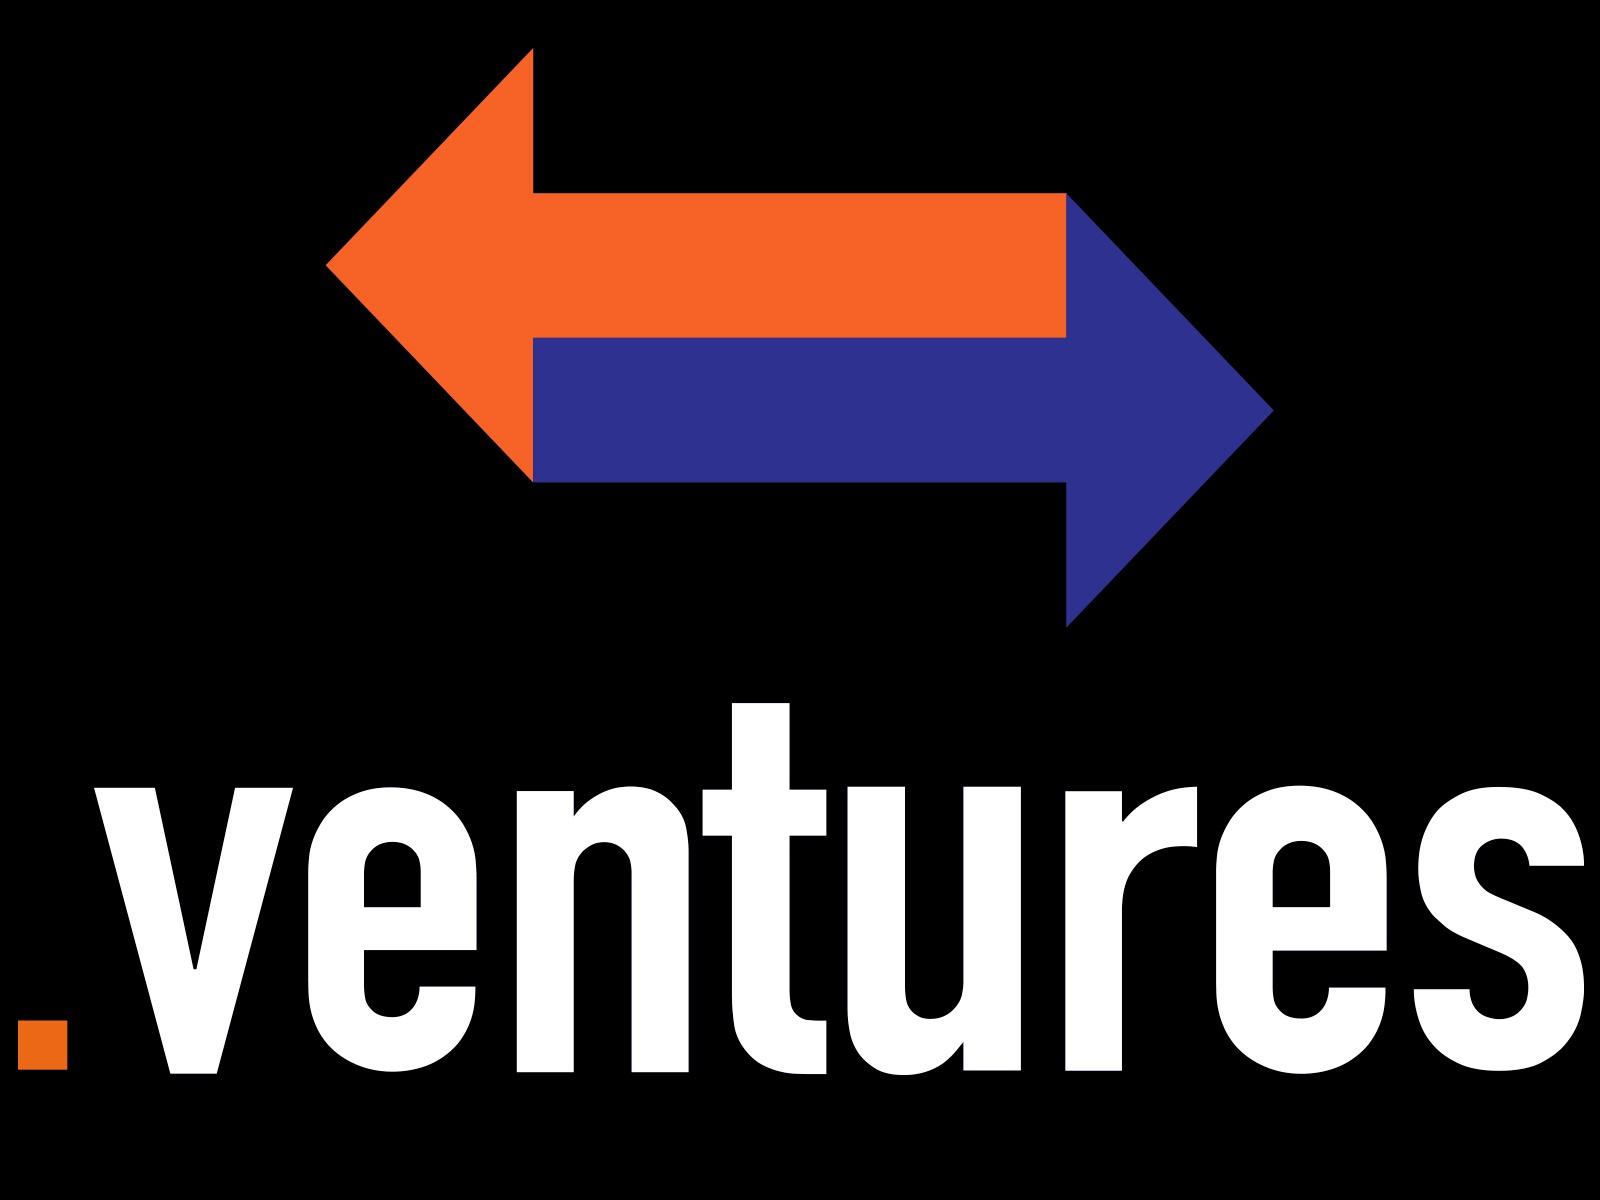 venture-logo-1